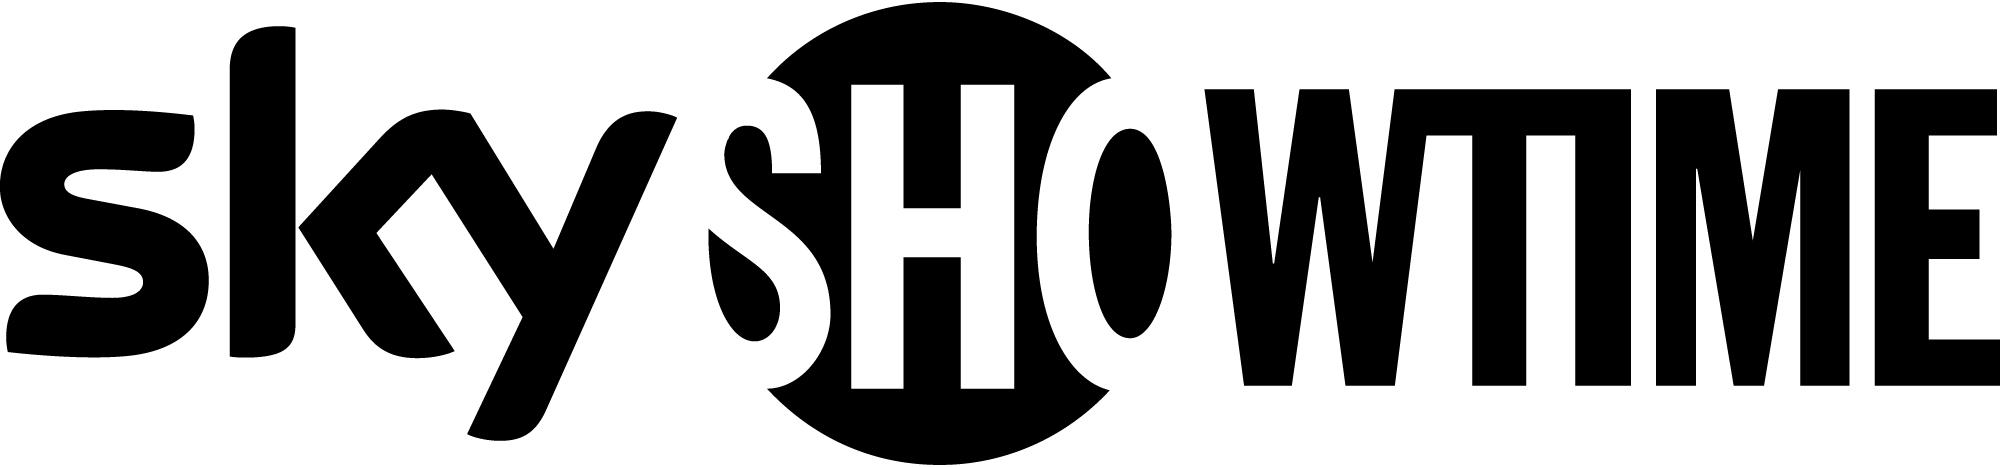 SkyShowtime Logo